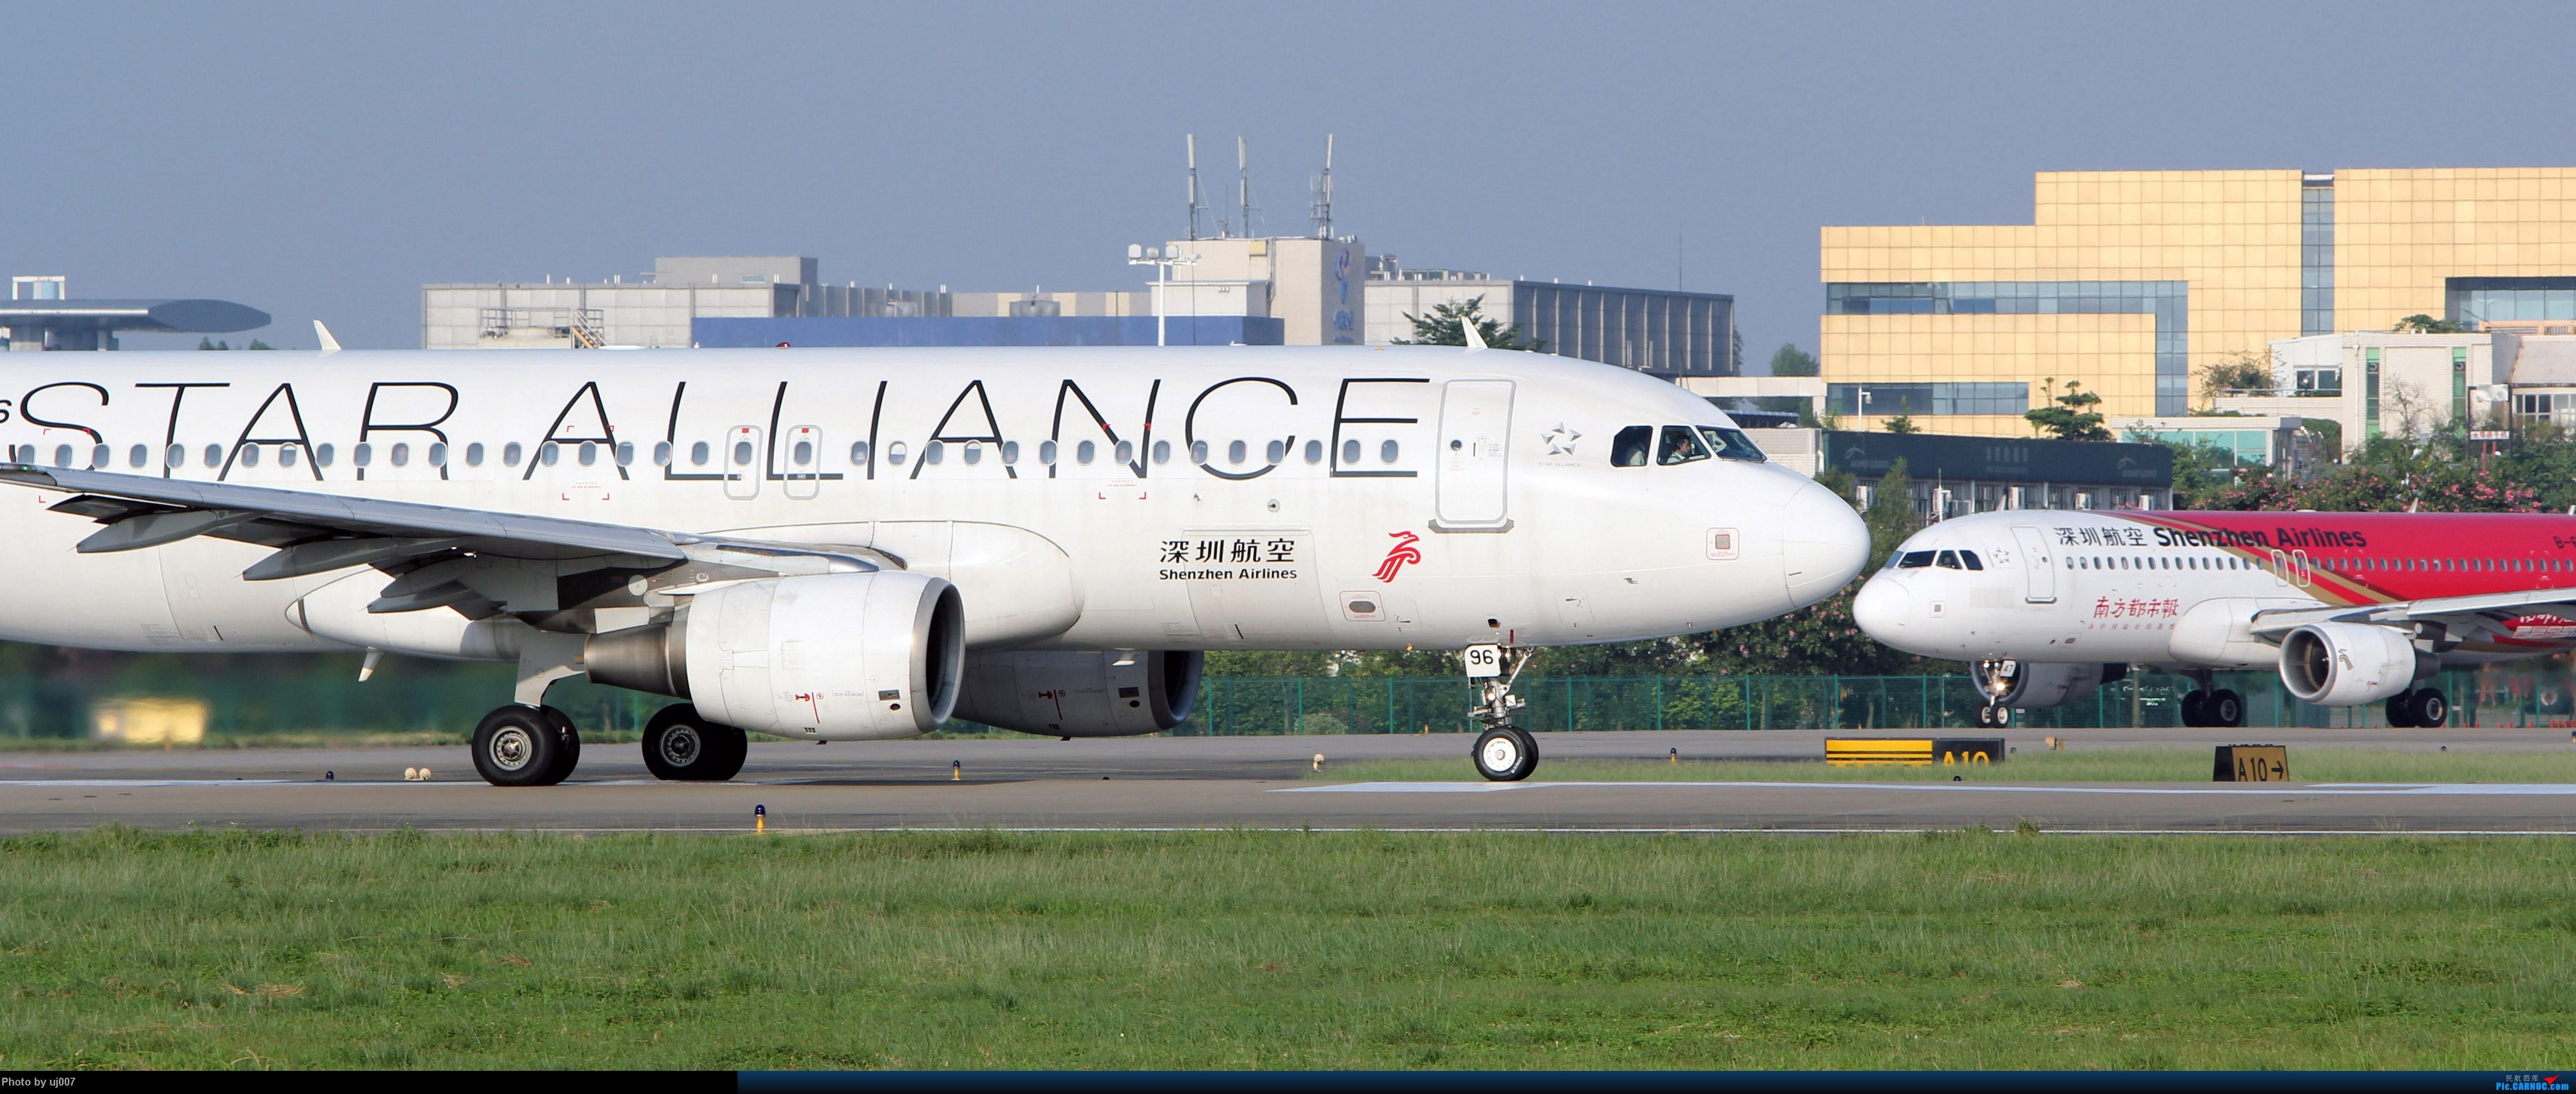 Re:[原创]10月2日白云拍机(大飞机,特别妆,外航,闪灯,擦烟)求指点. AIRBUS A320-200 B-6296 广州白云国际机场